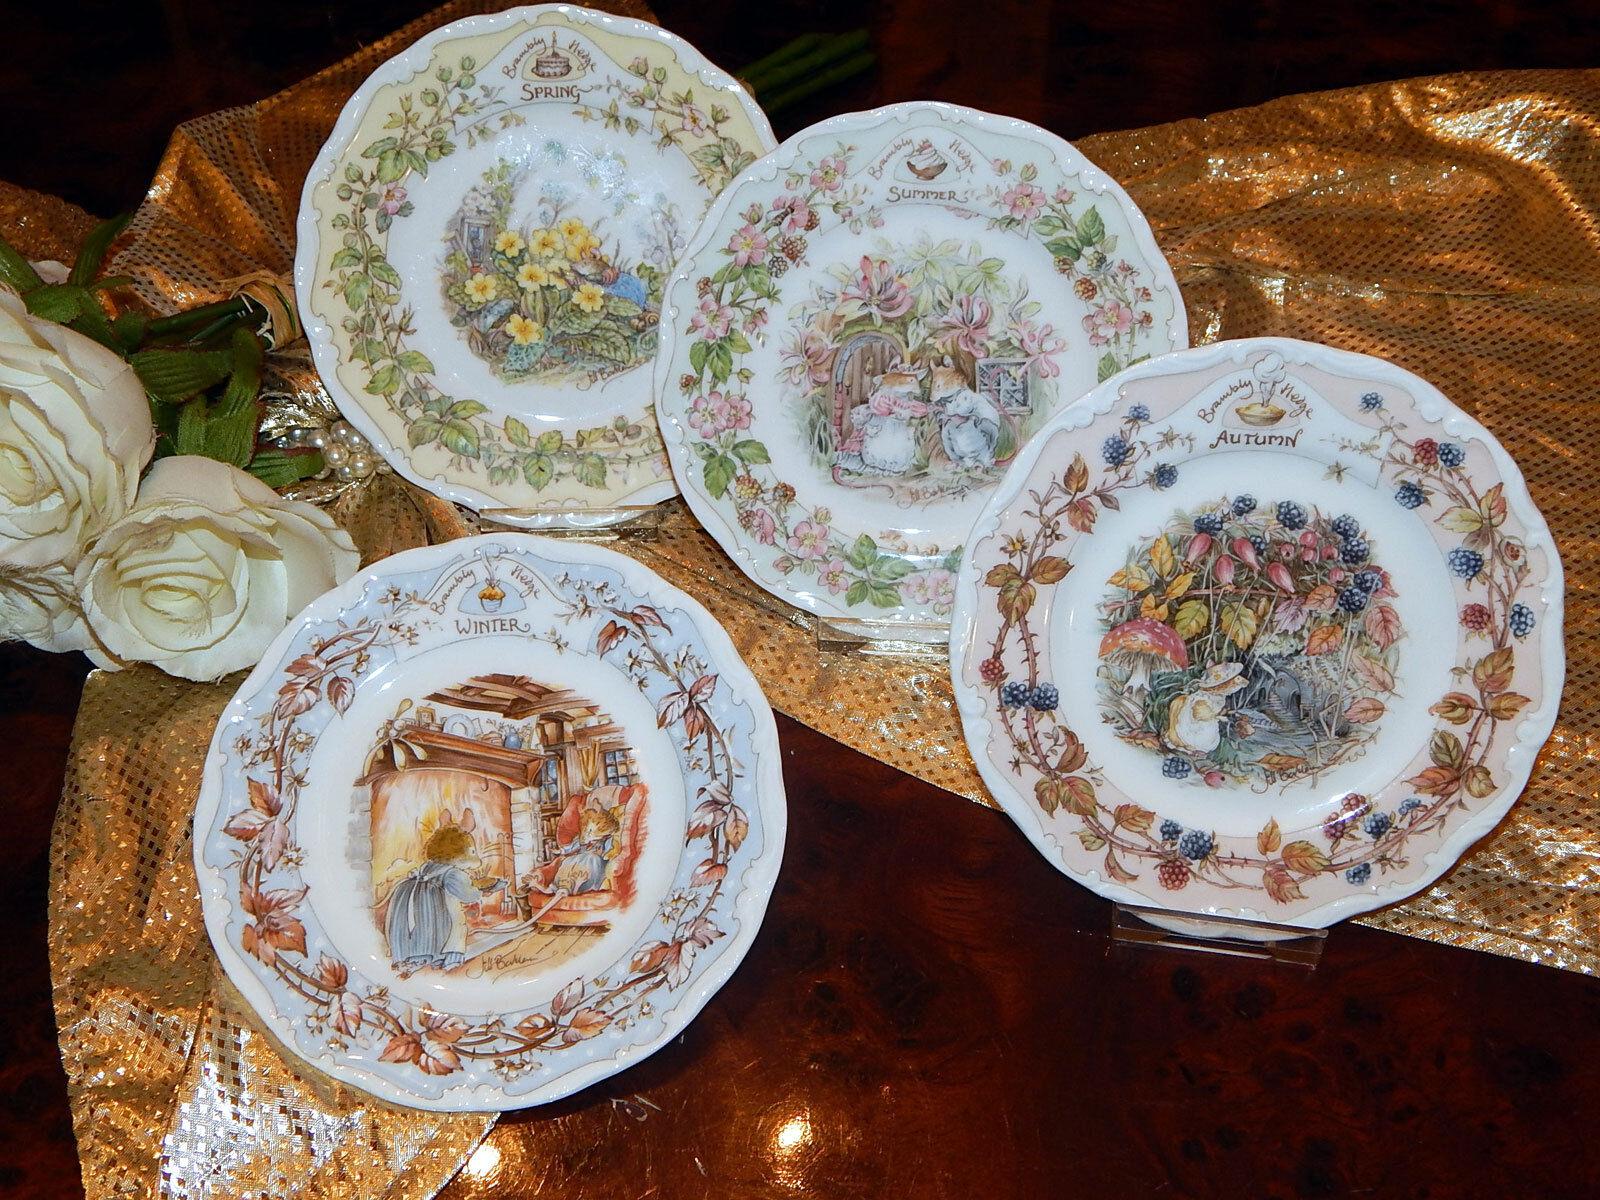 4 Teller Kuchenteller 20,5 20,5 20,5 cm Brambly Hedge 4 Jahreszeiten Jill Barklem neu  | Bekannt für seine hervorragende Qualität  5f1a87